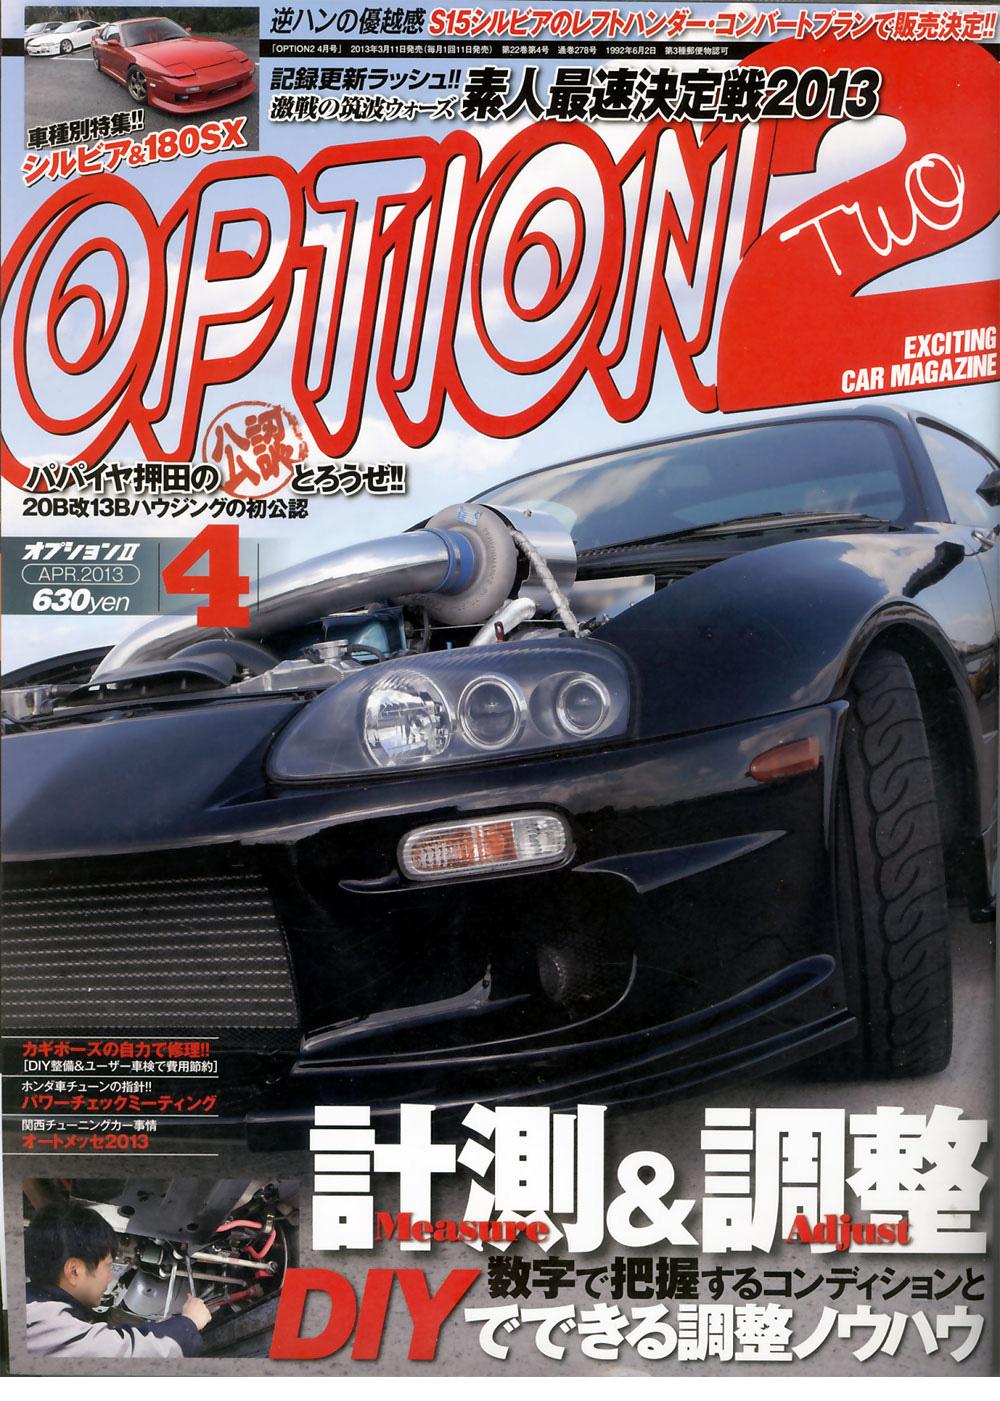 option22013